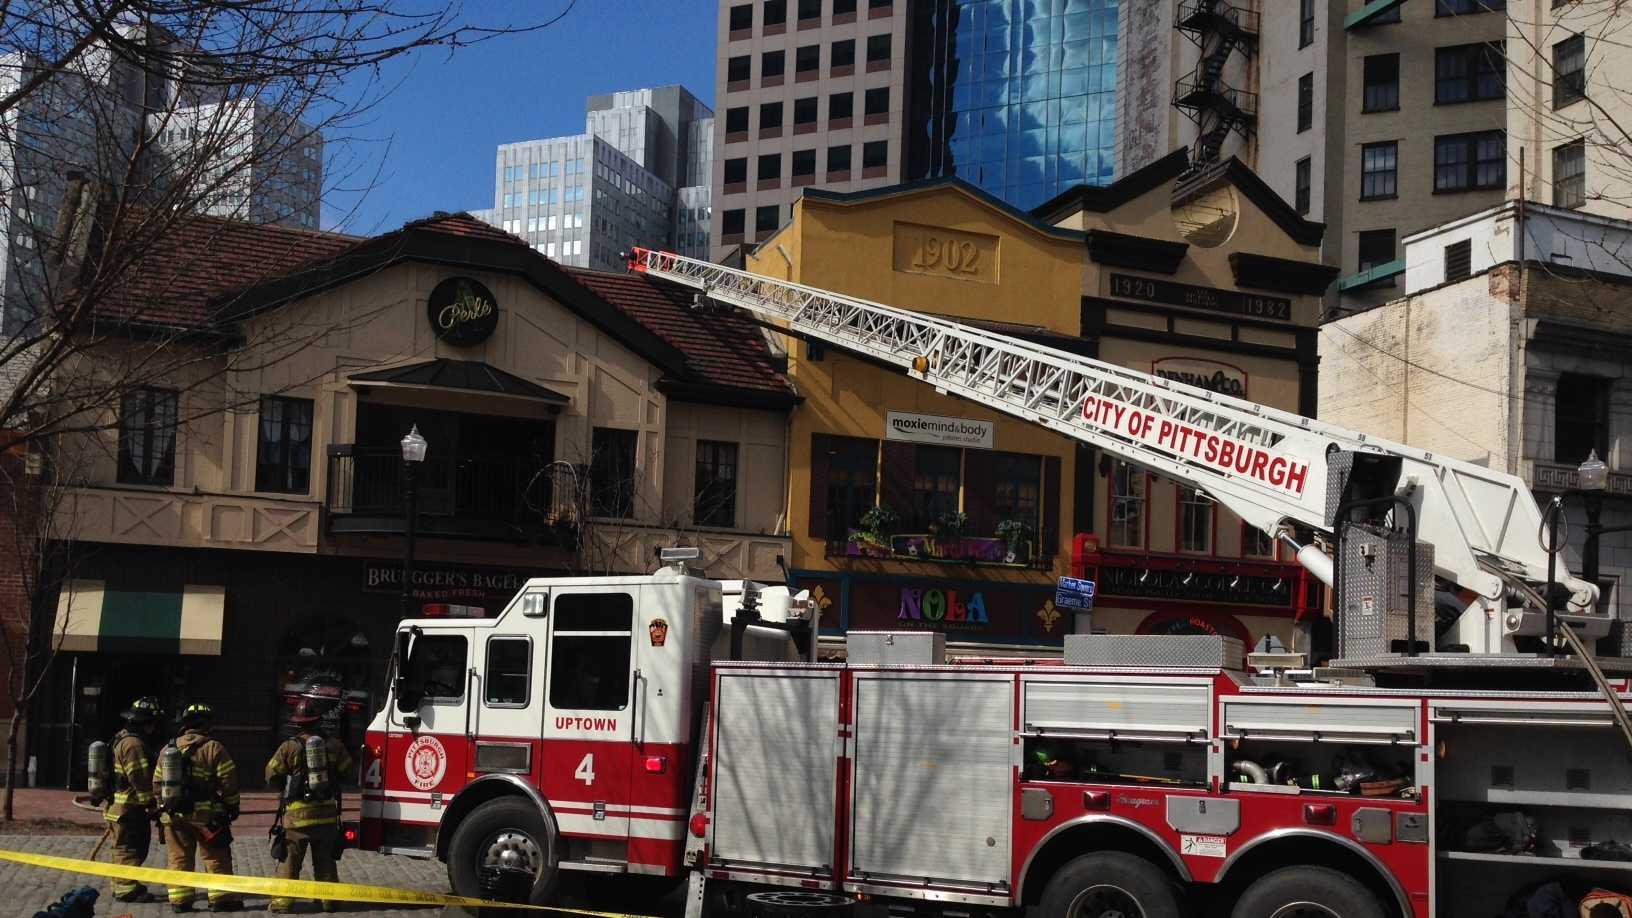 Market Square fire